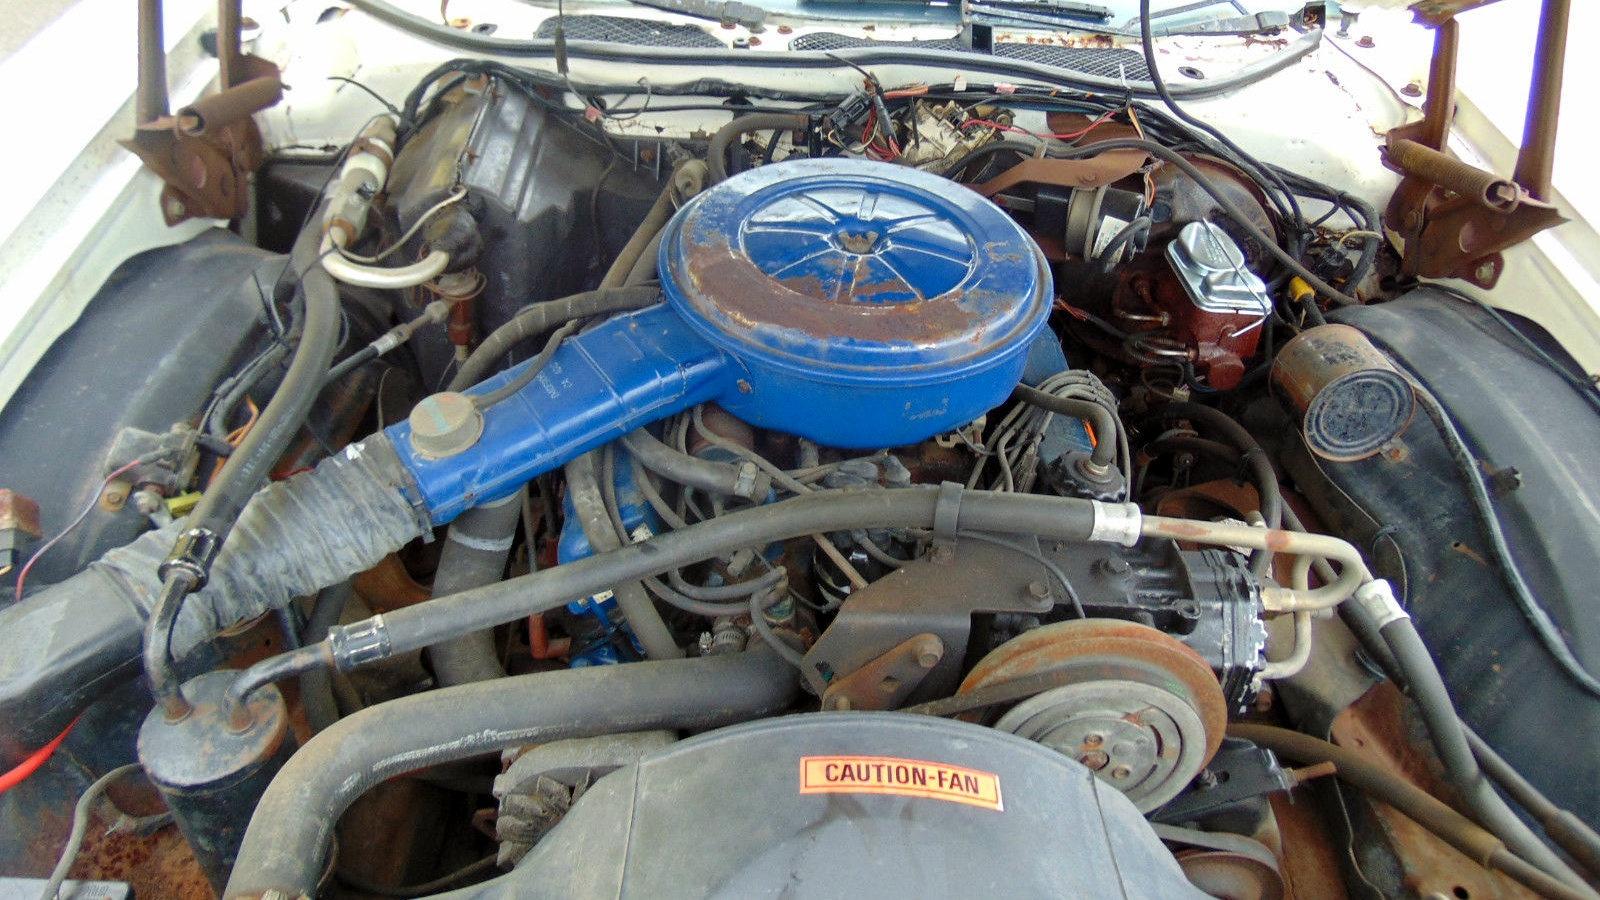 Even More Elite 1974 Ford Gran Torino Elite